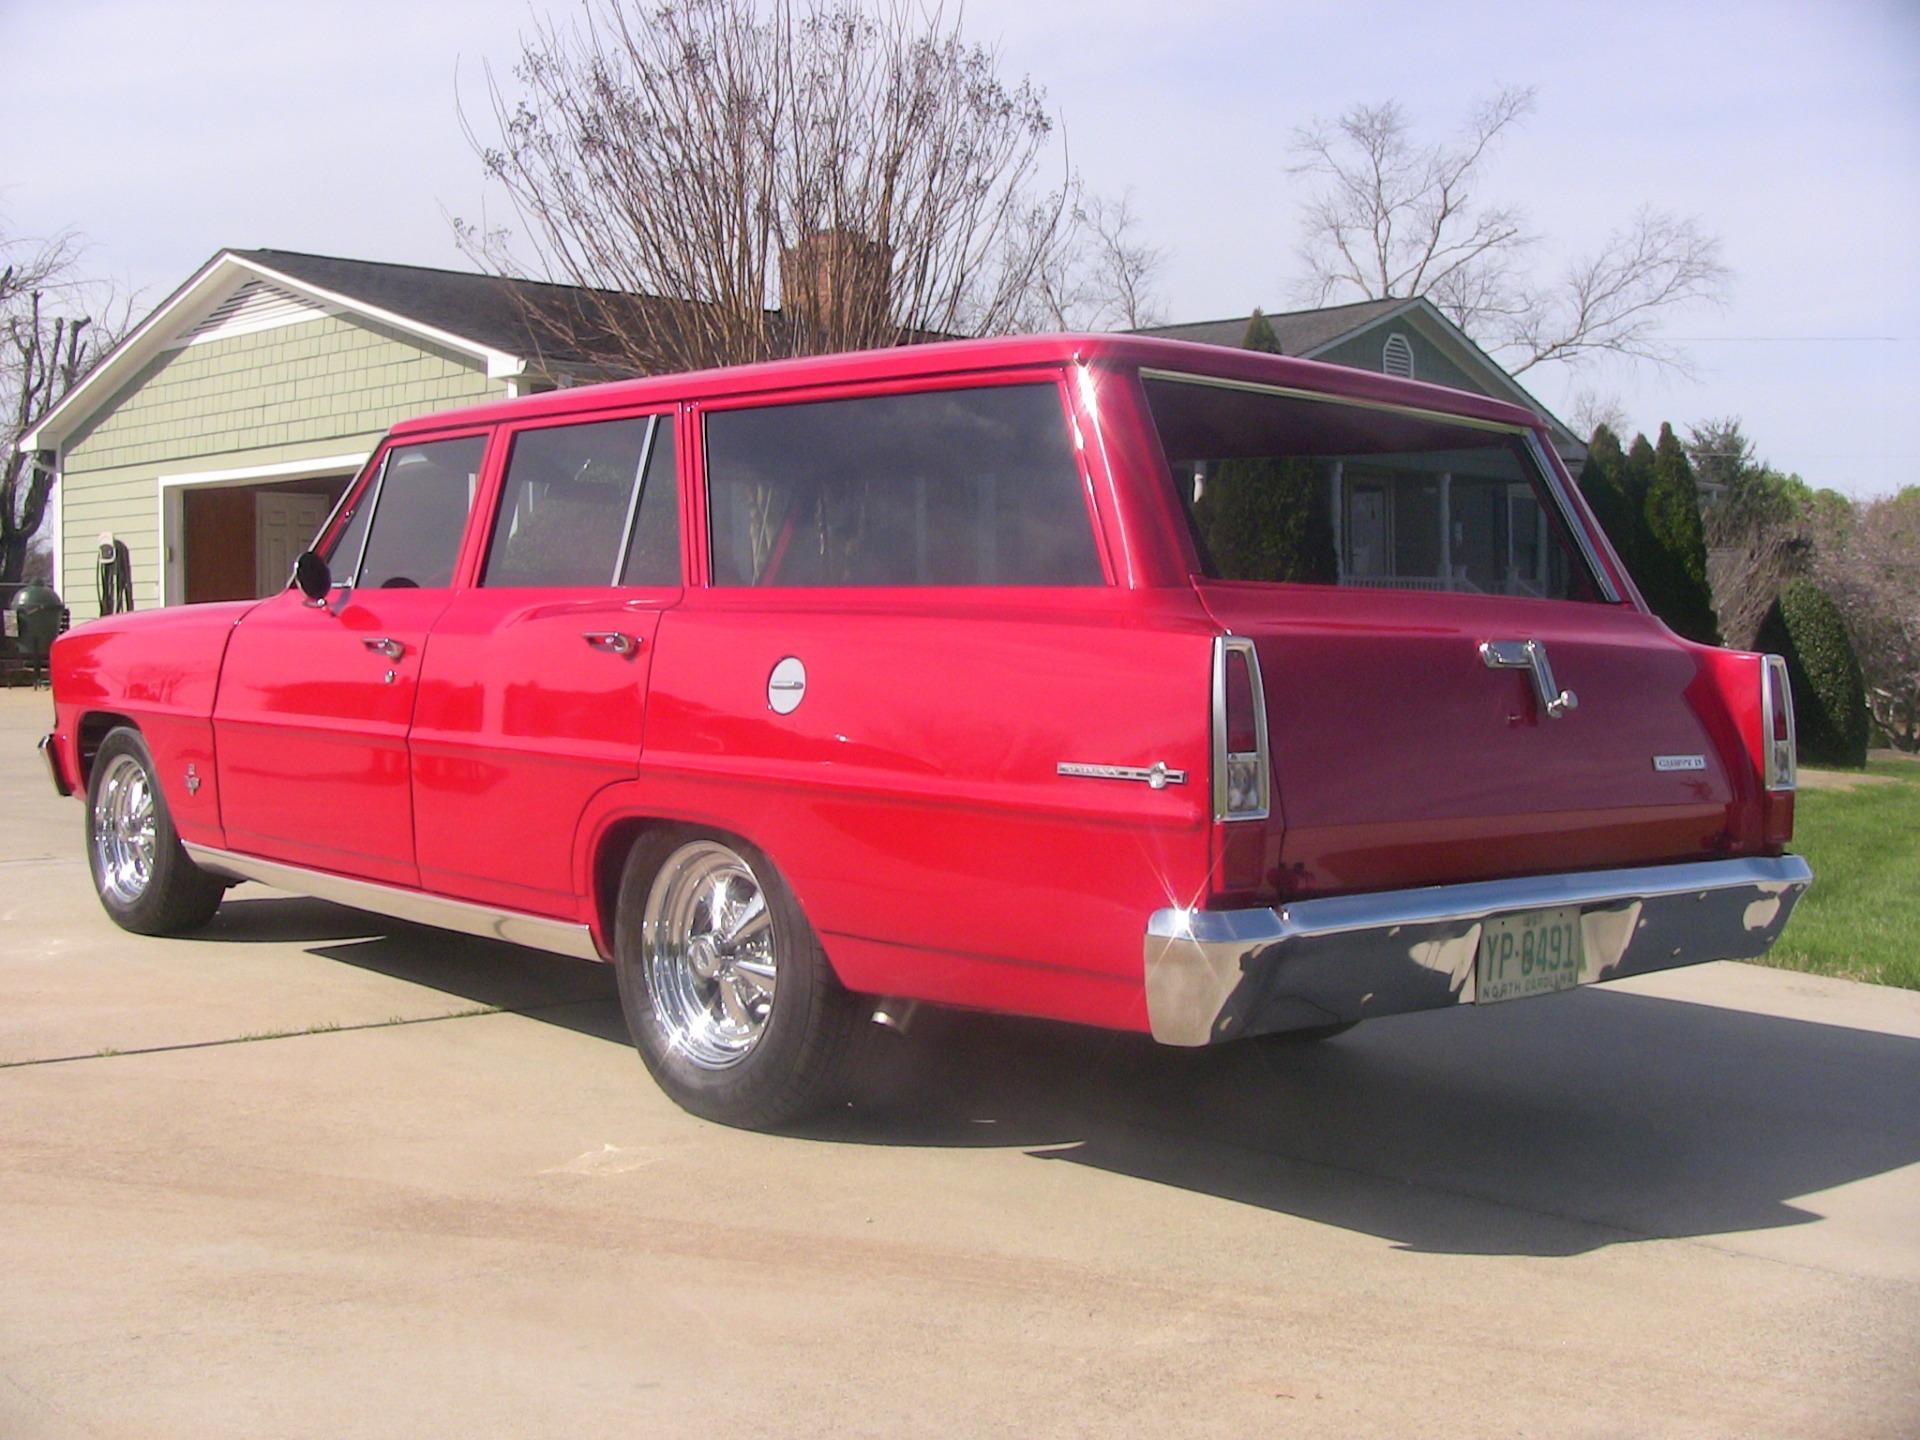 Used 1967 Chevrolet Chevy II Nova Station Wagon